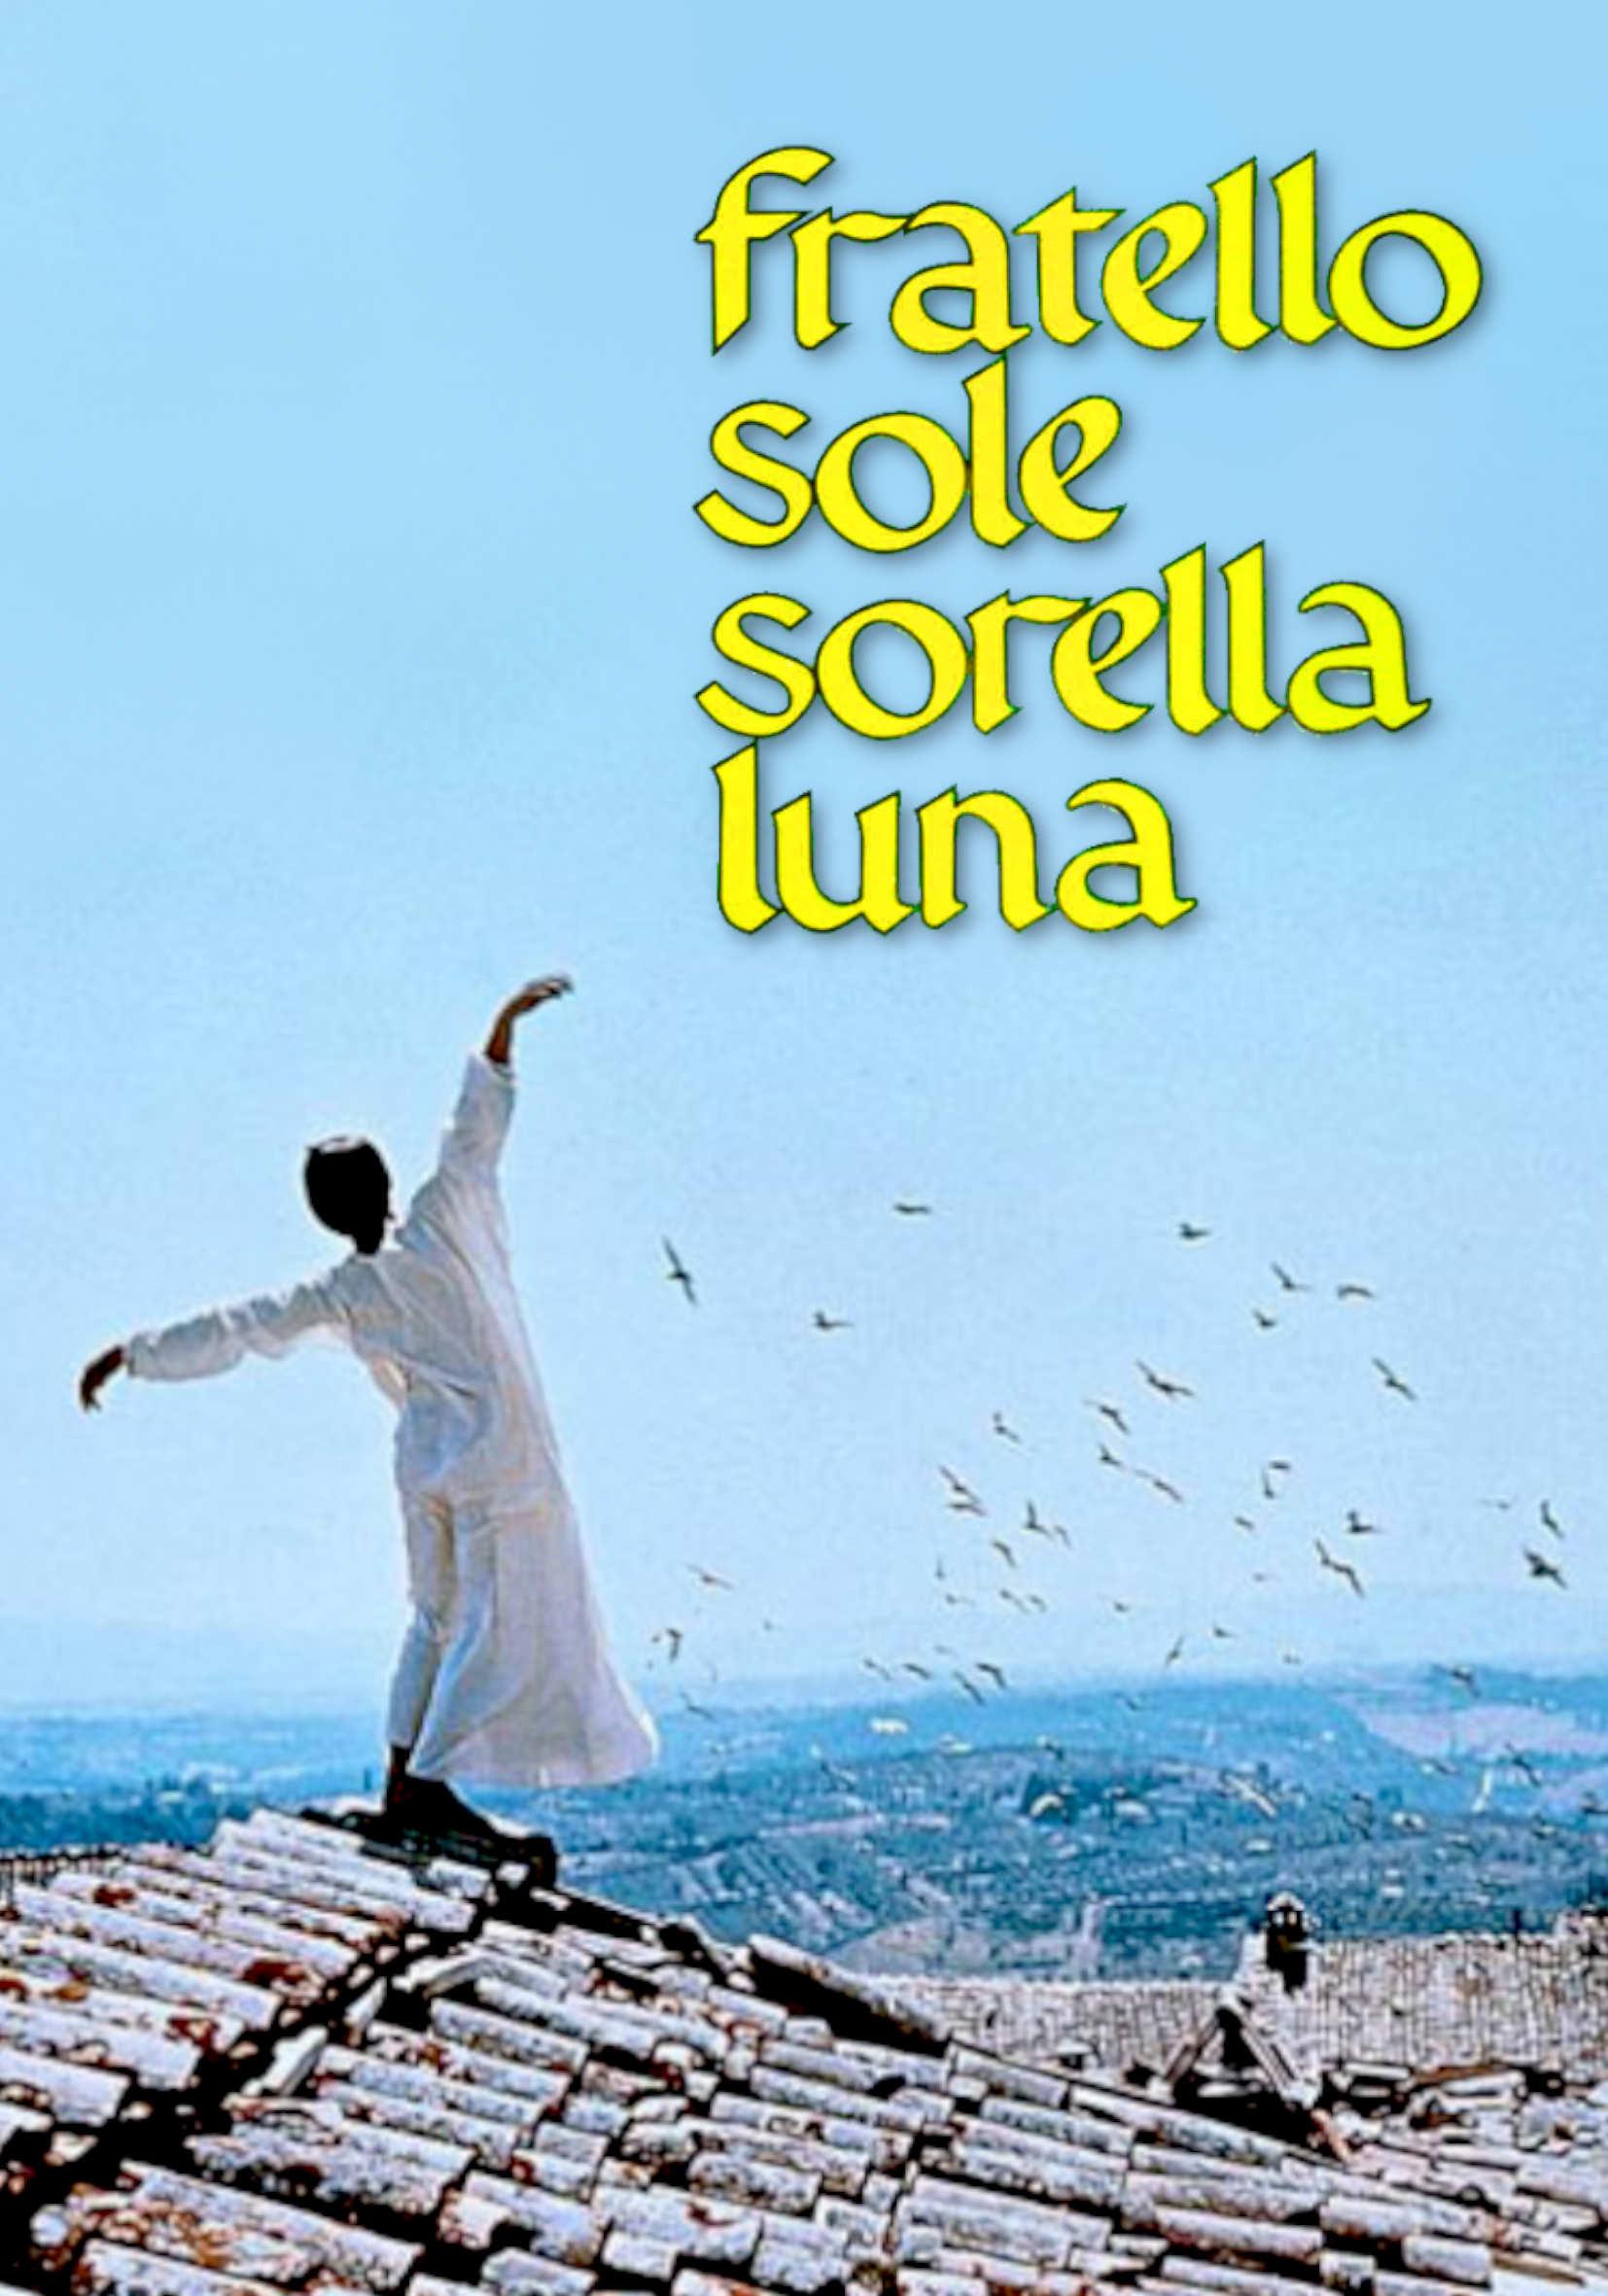 Fratello Sole, Sorella Luna - Minerva Pictures